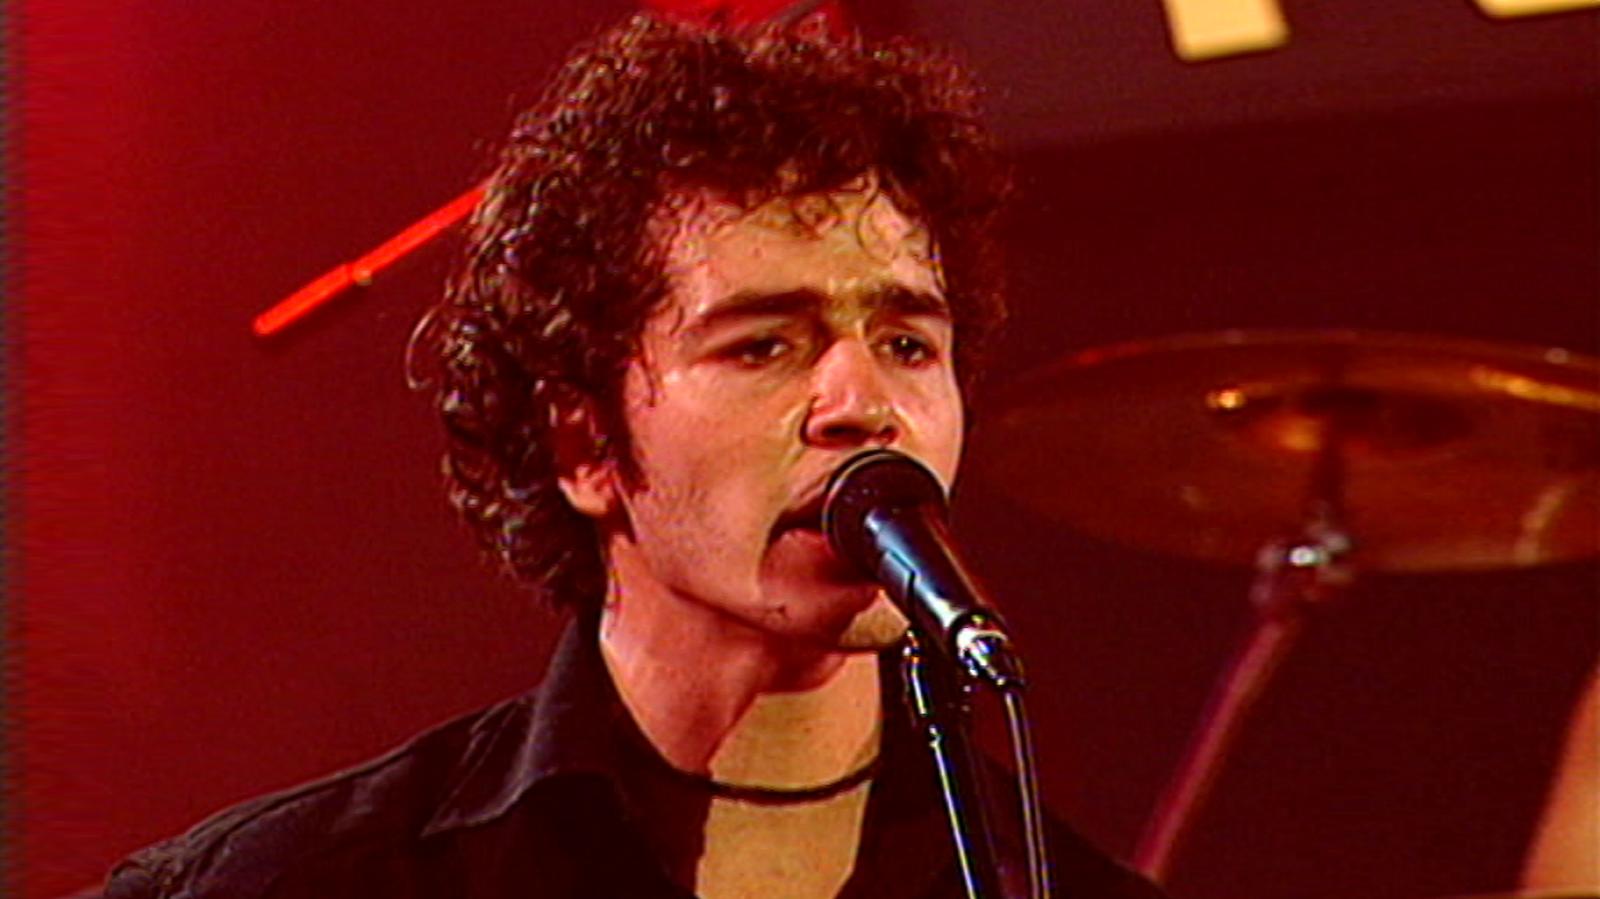 Los conciertos de Radio 3 - Pereza (2003) - ver ahora